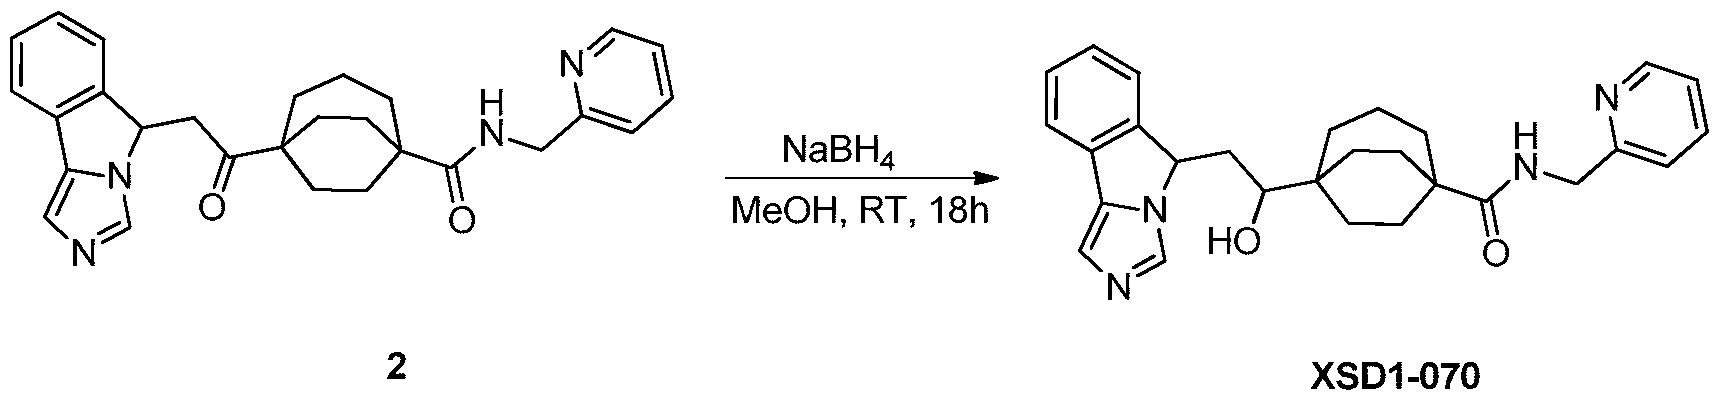 Figure PCTCN2017084604-appb-000090